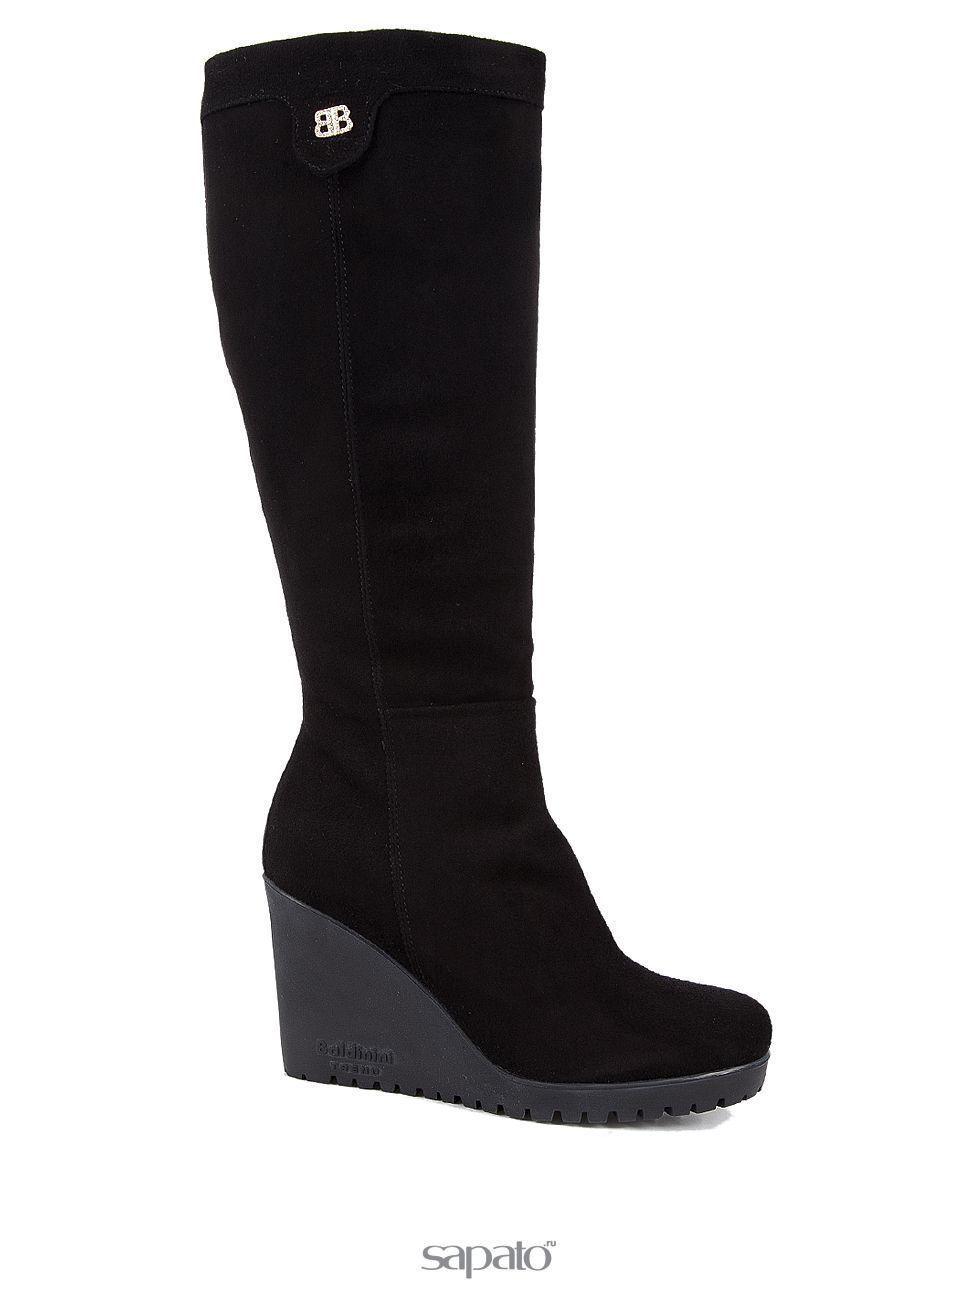 3e62bfab6ae Сапоги Baldinini Trend Shoes